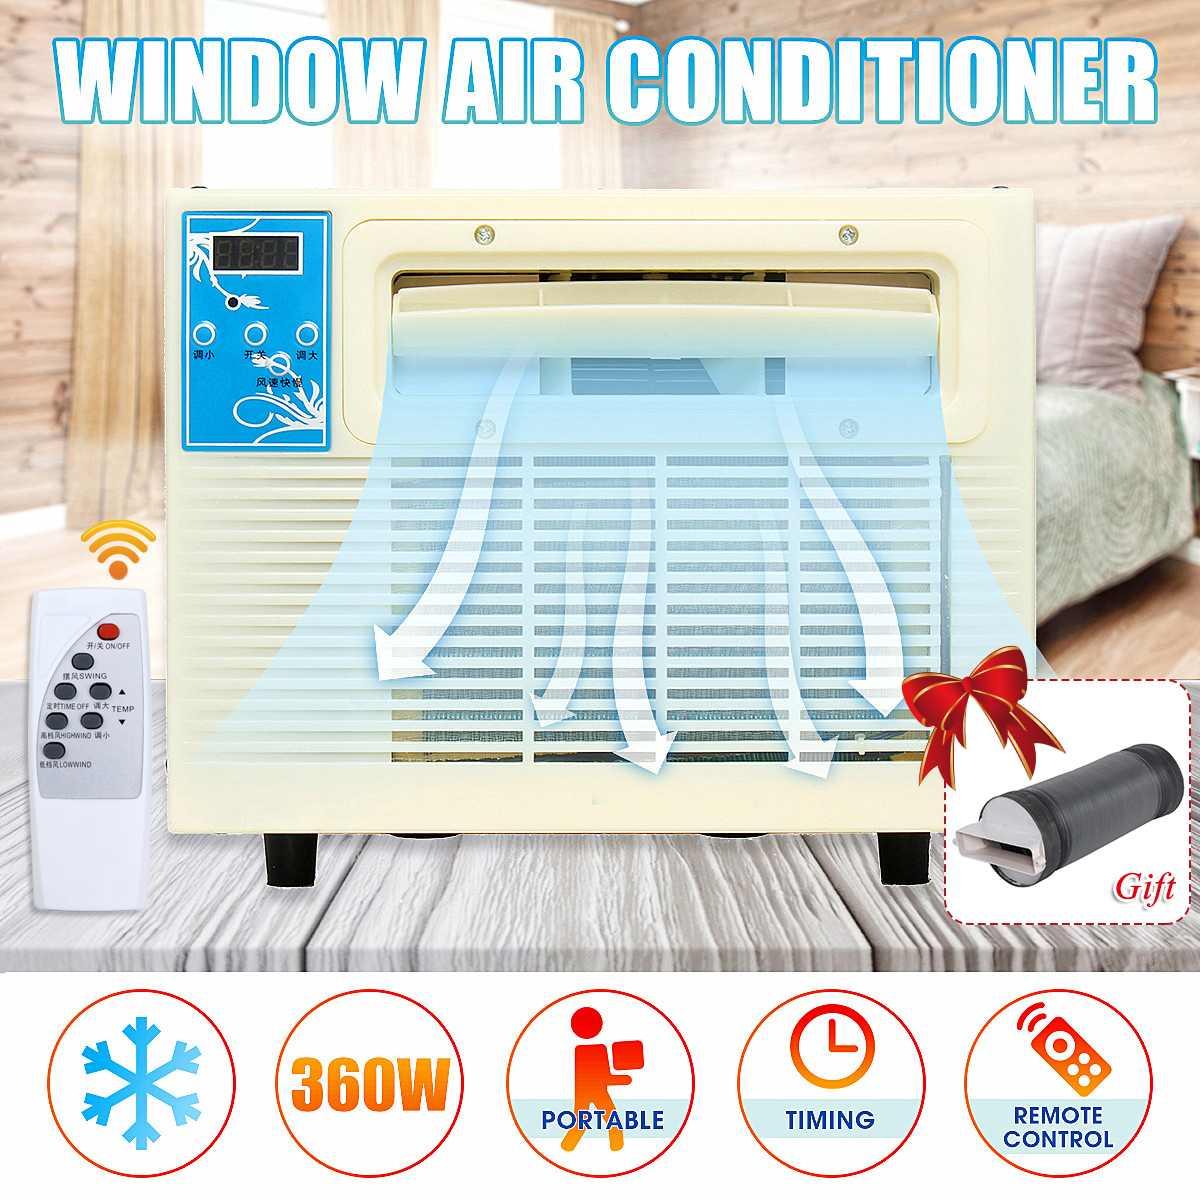 Haushaltsgeräte Klimaanlagen Neueste 900 W Ipx4 Desktops Klimaanlage Fenster Klimaanlage Mini Haushalt Luftkühler Klimaanlage Mit Fernbedienung